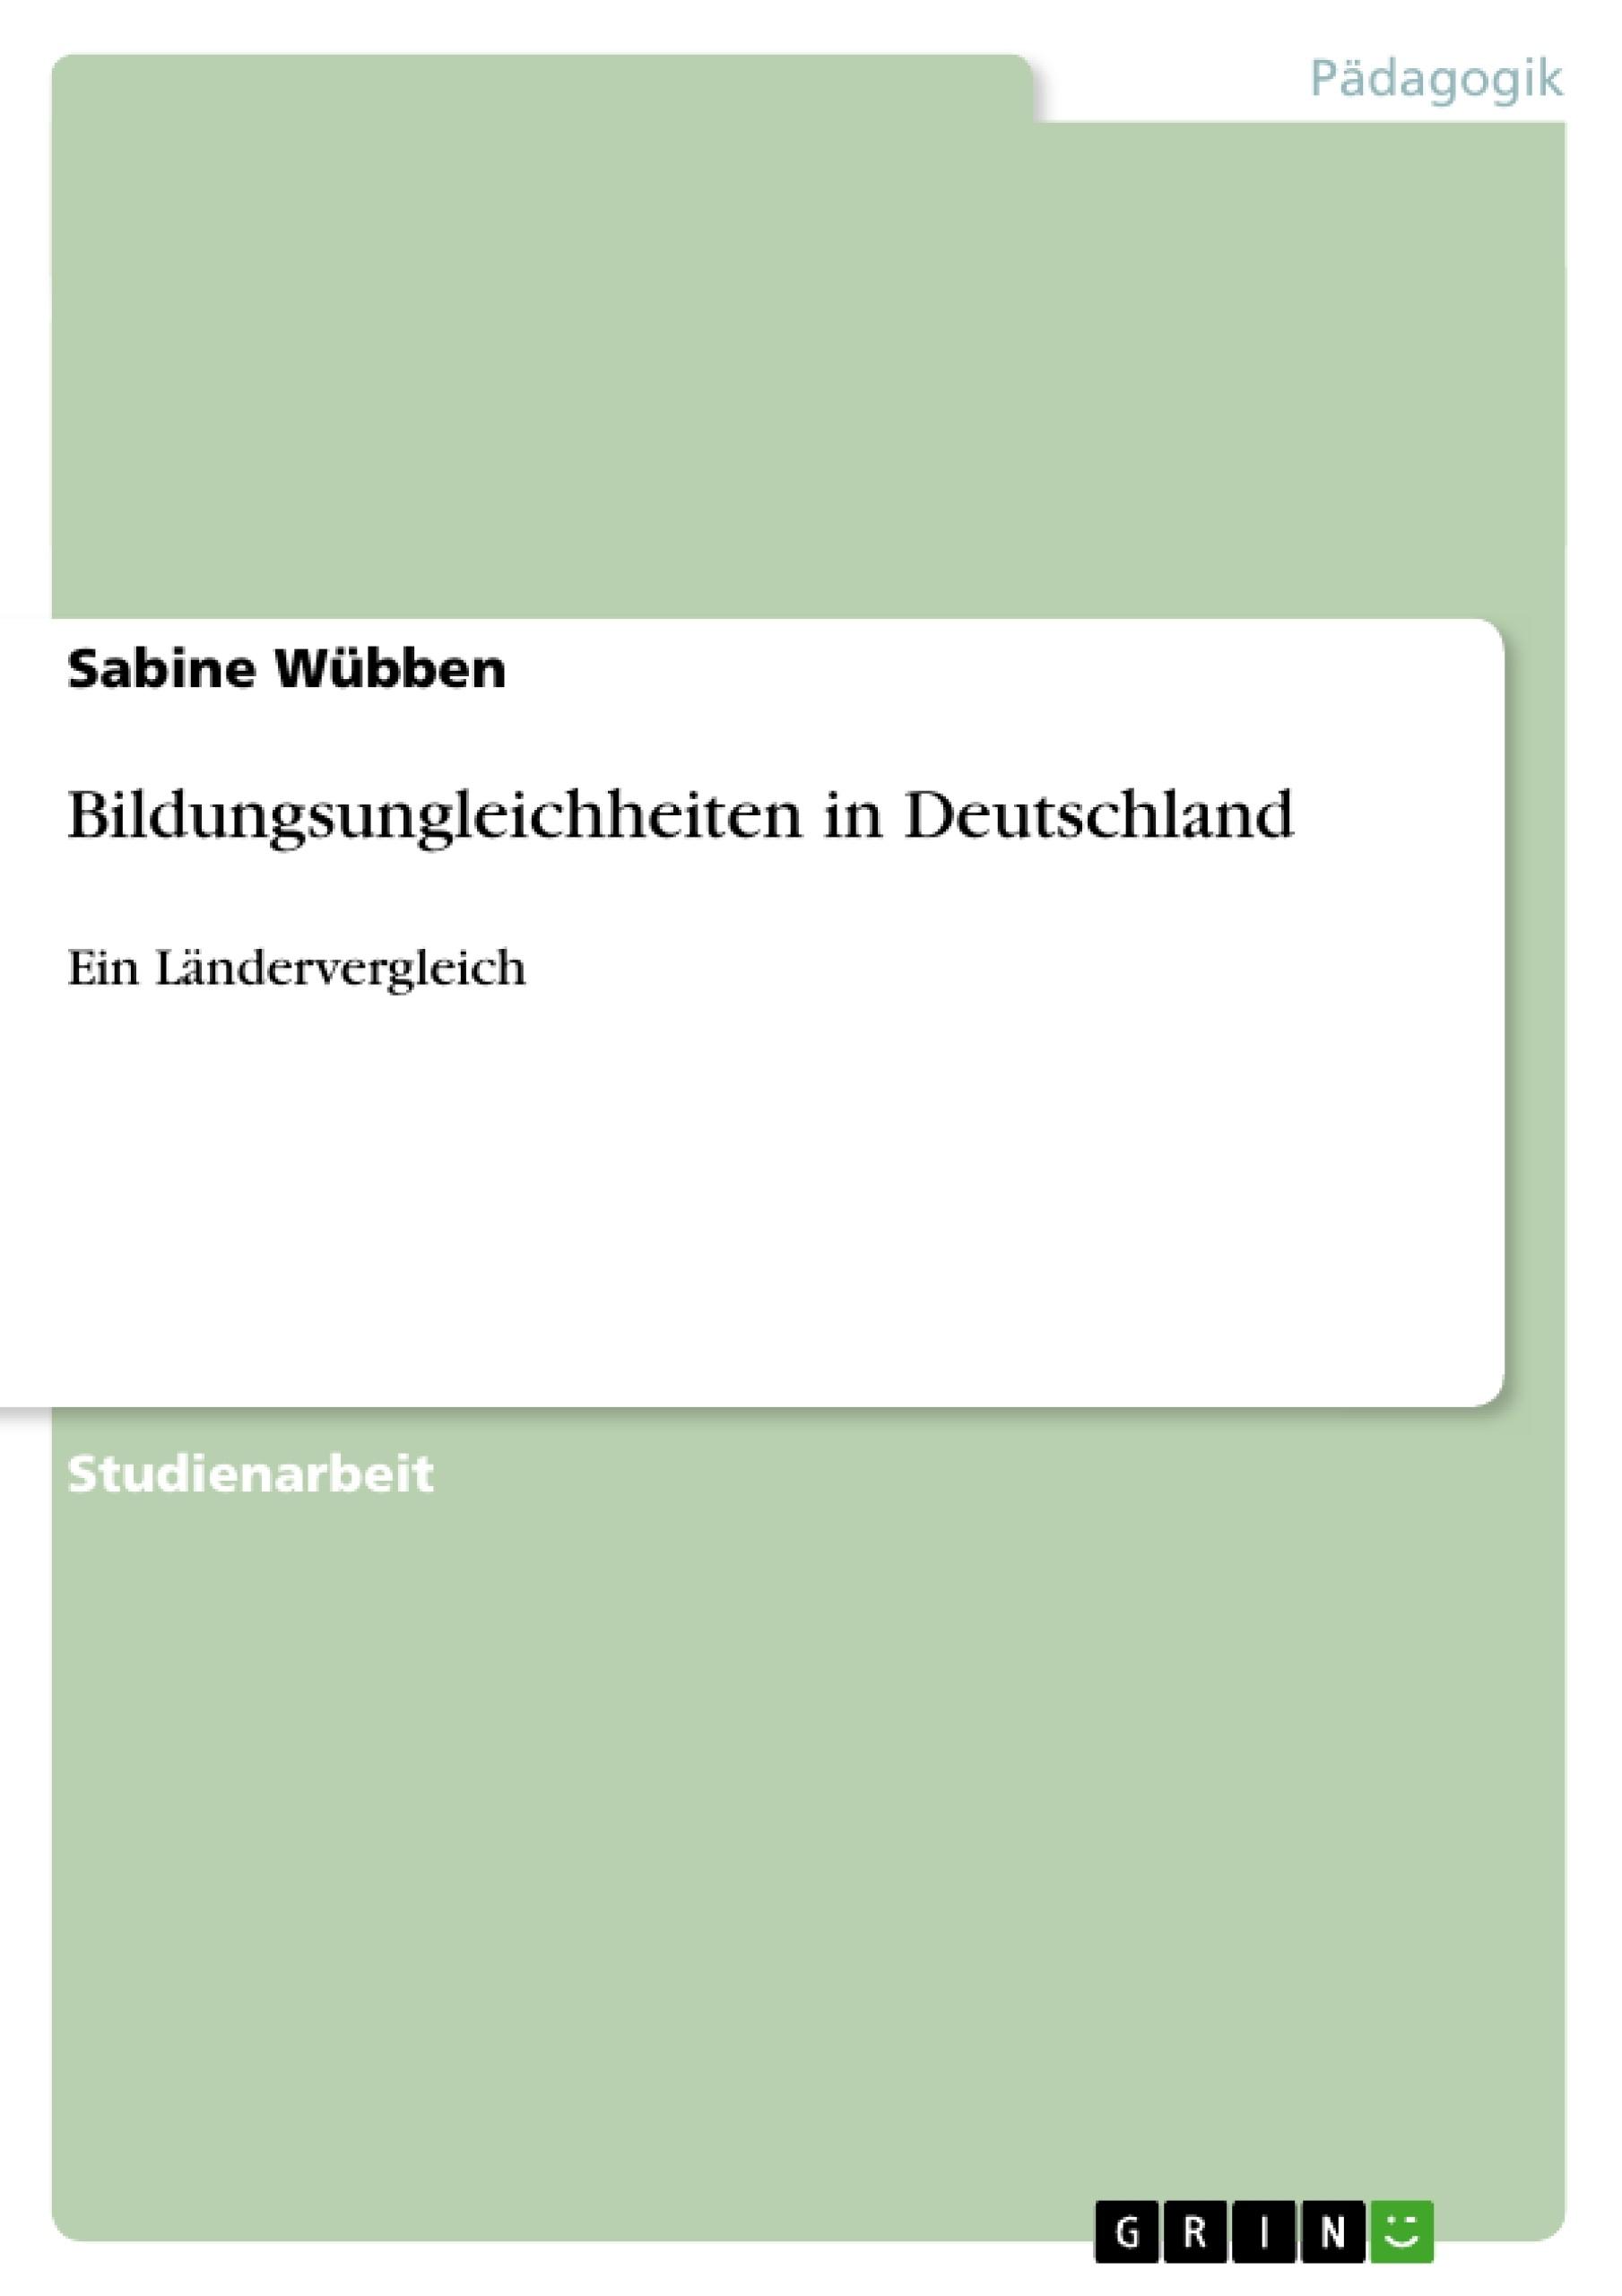 Titel: Bildungsungleichheiten in Deutschland